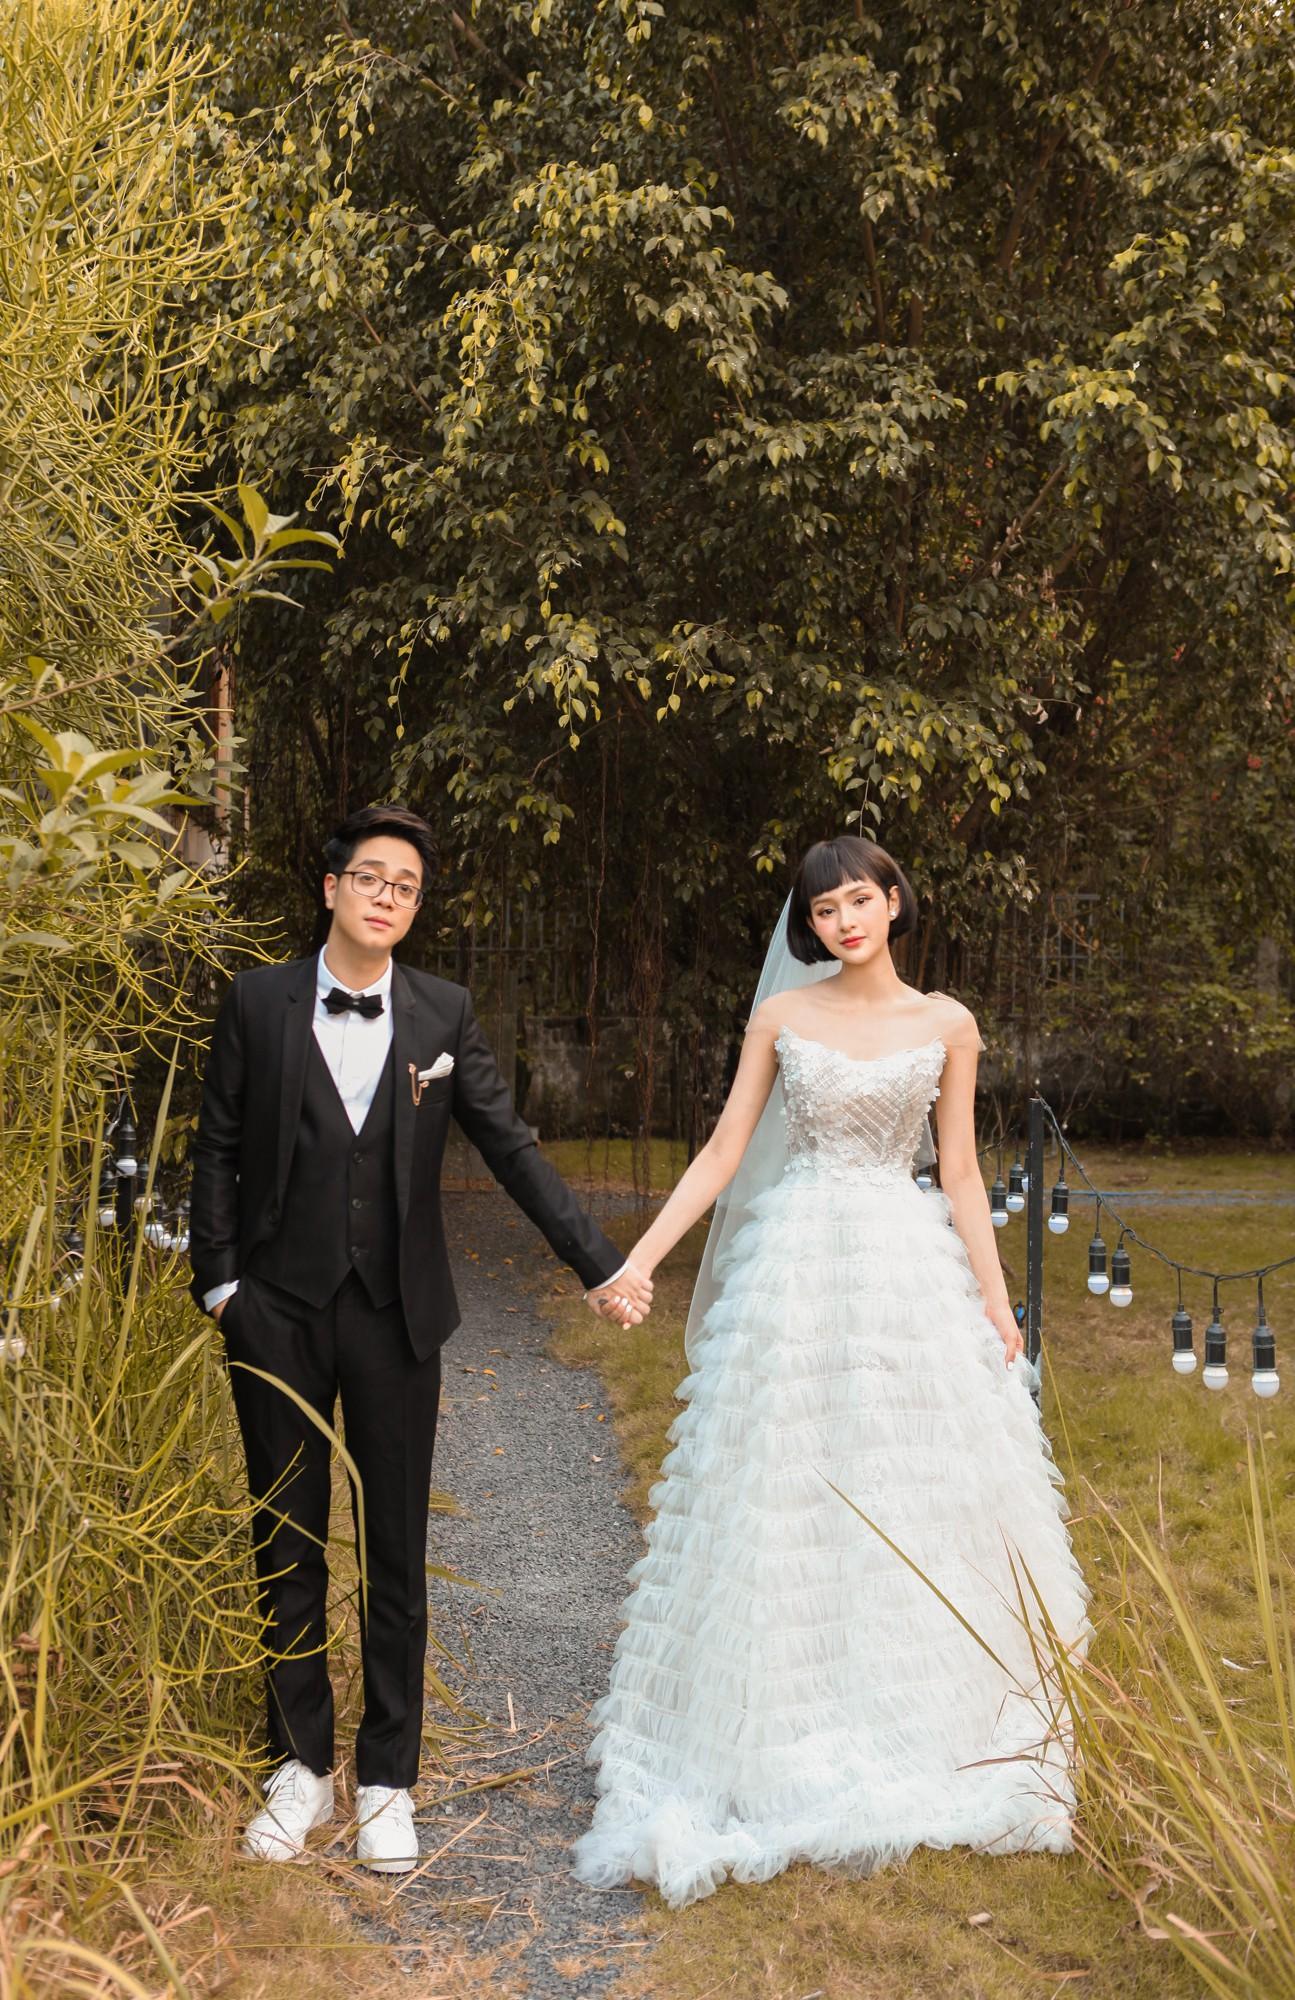 Bùi Anh Tuấn và Hiền Hồ âm thầm tổ chức đám cưới, hé lộ những hình ảnh tuyệt đẹp trong hôn lễ - Ảnh 2.